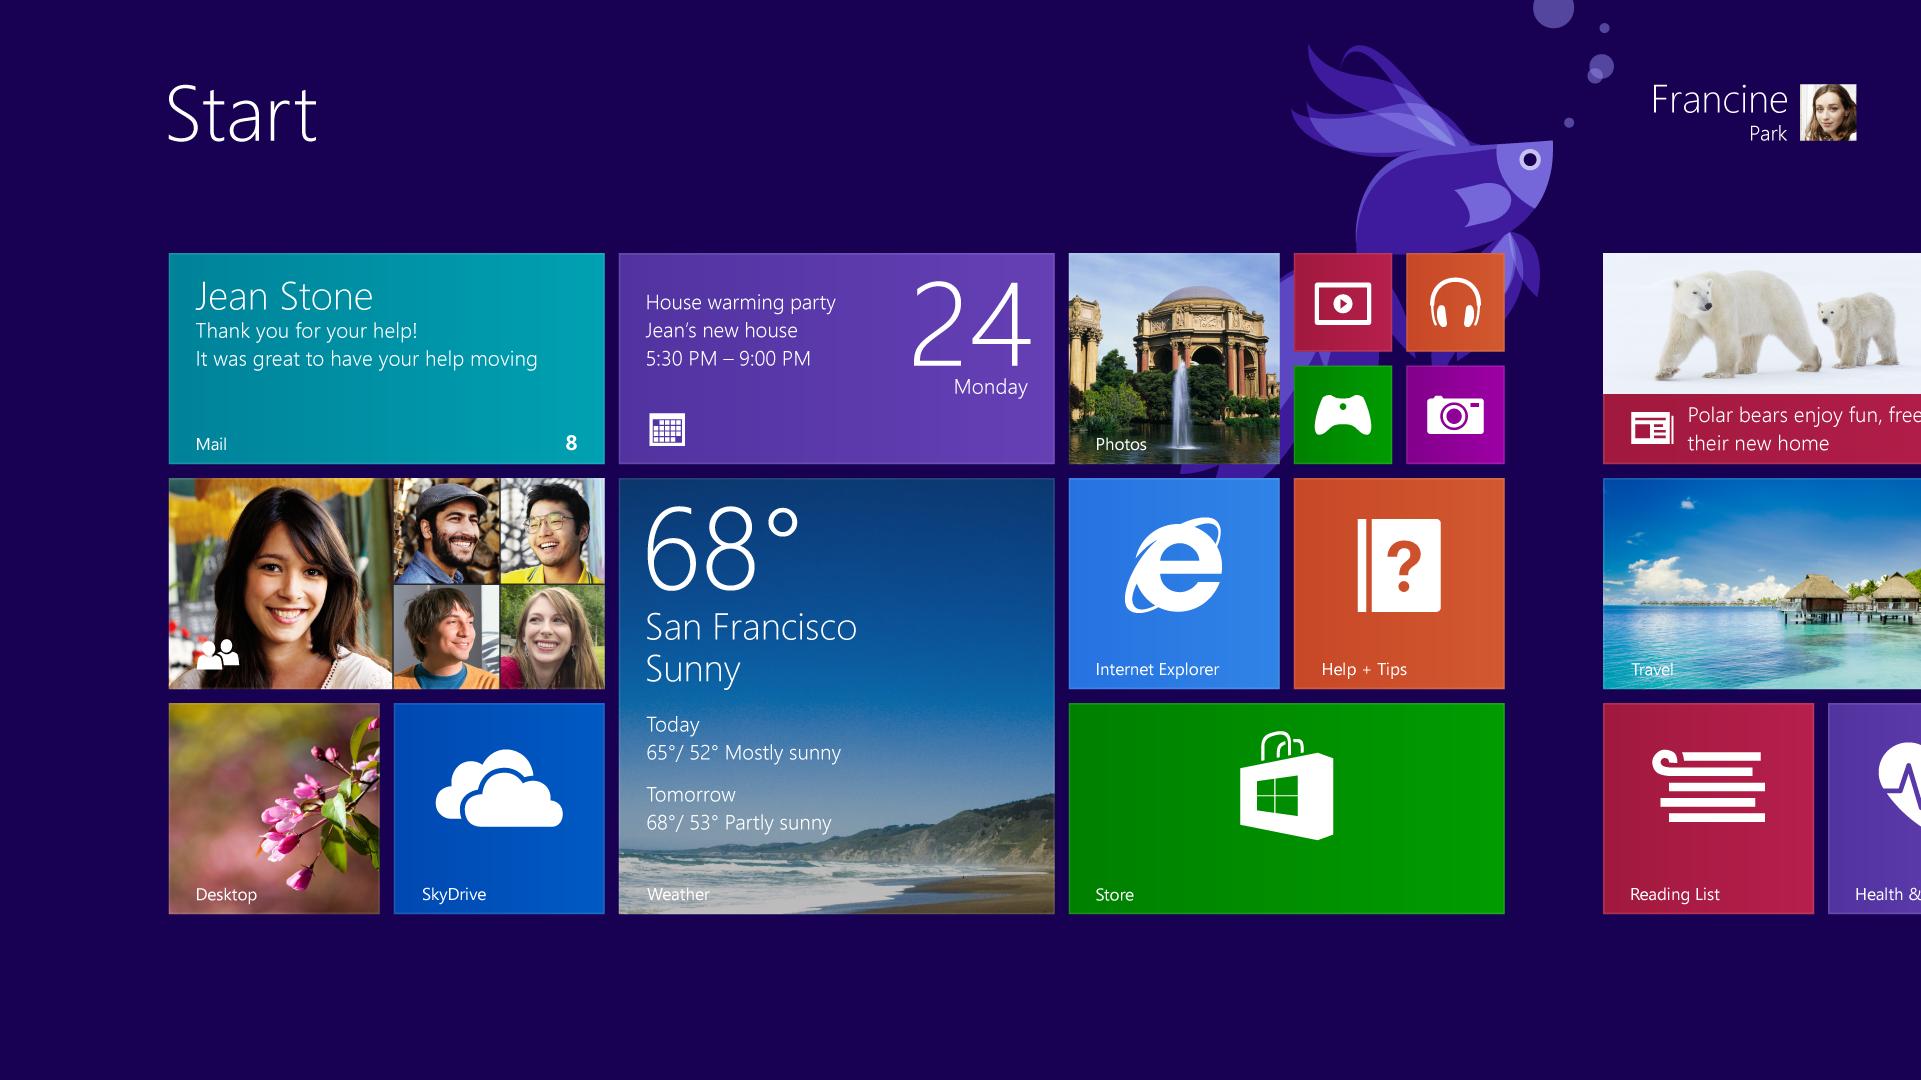 Hệ điều hành Windows 8.1 có khả năng nhận dạng ngôn ngữ tự nhiên